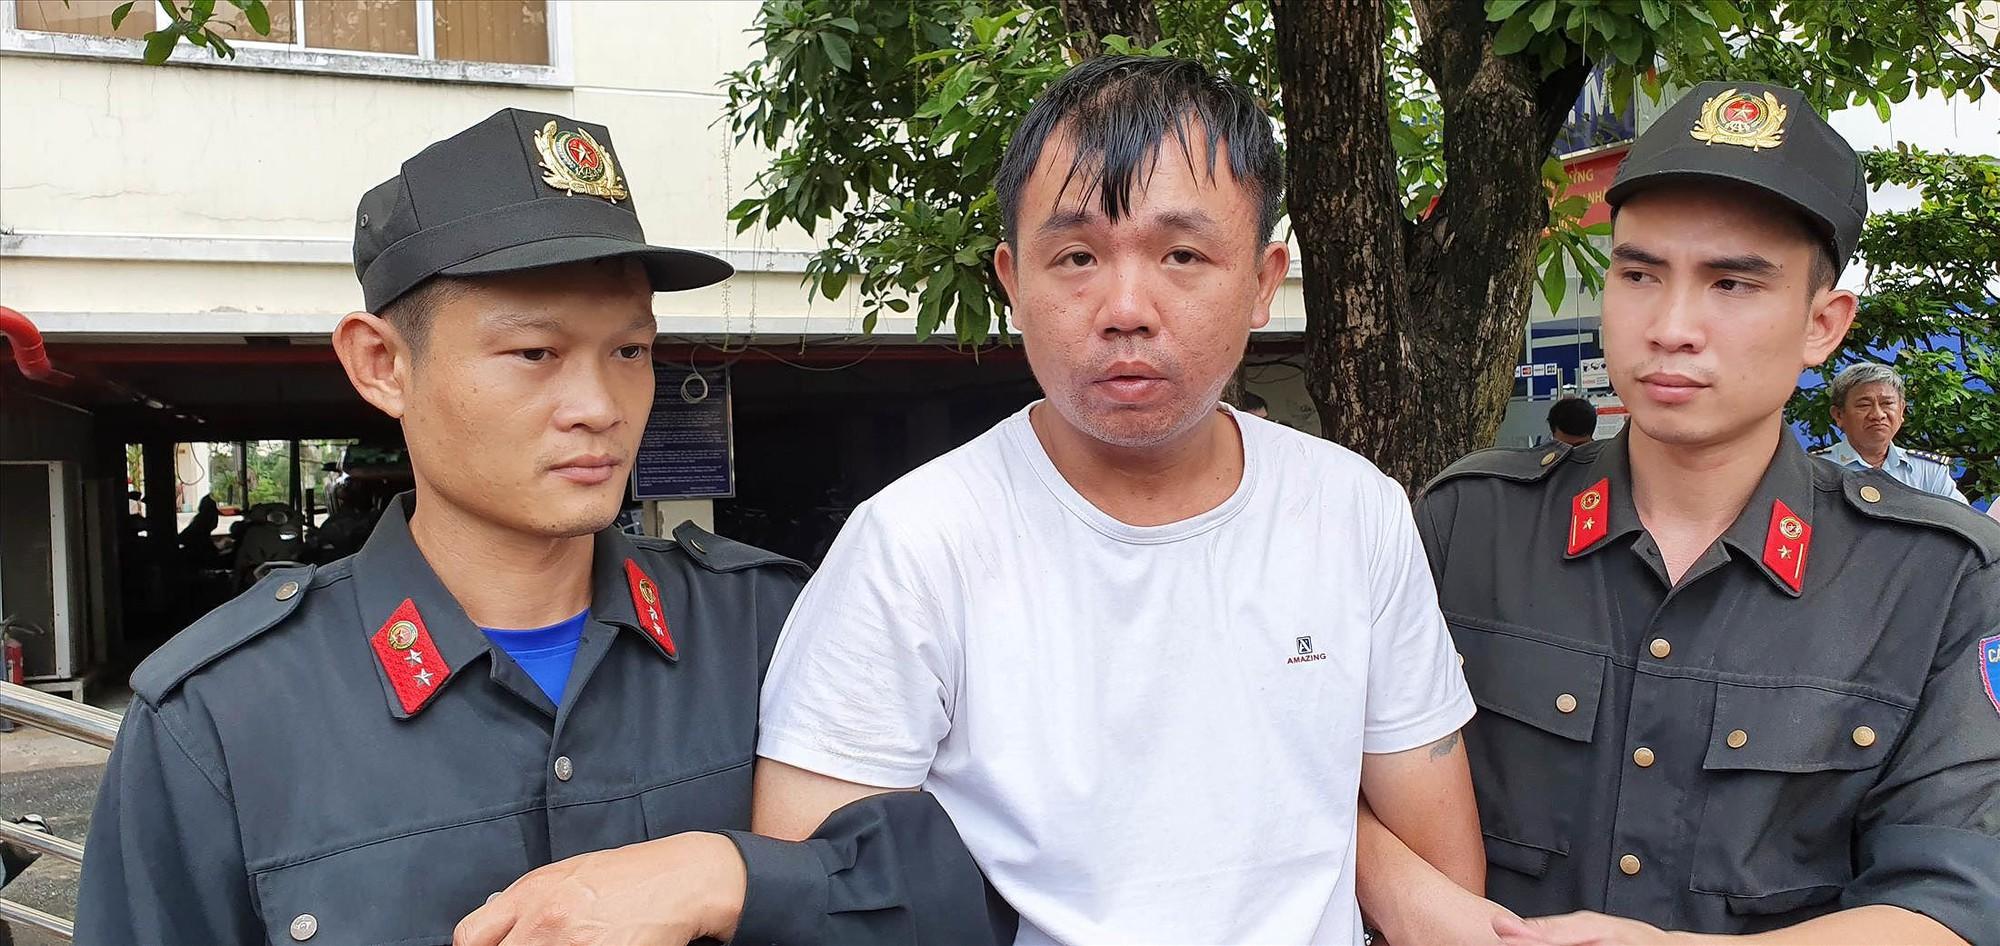 Triệt phá vụ 500kg ma túy ketamine: Lần theo dấu vết ông trùm xuyên quốc gia - Ảnh 1.